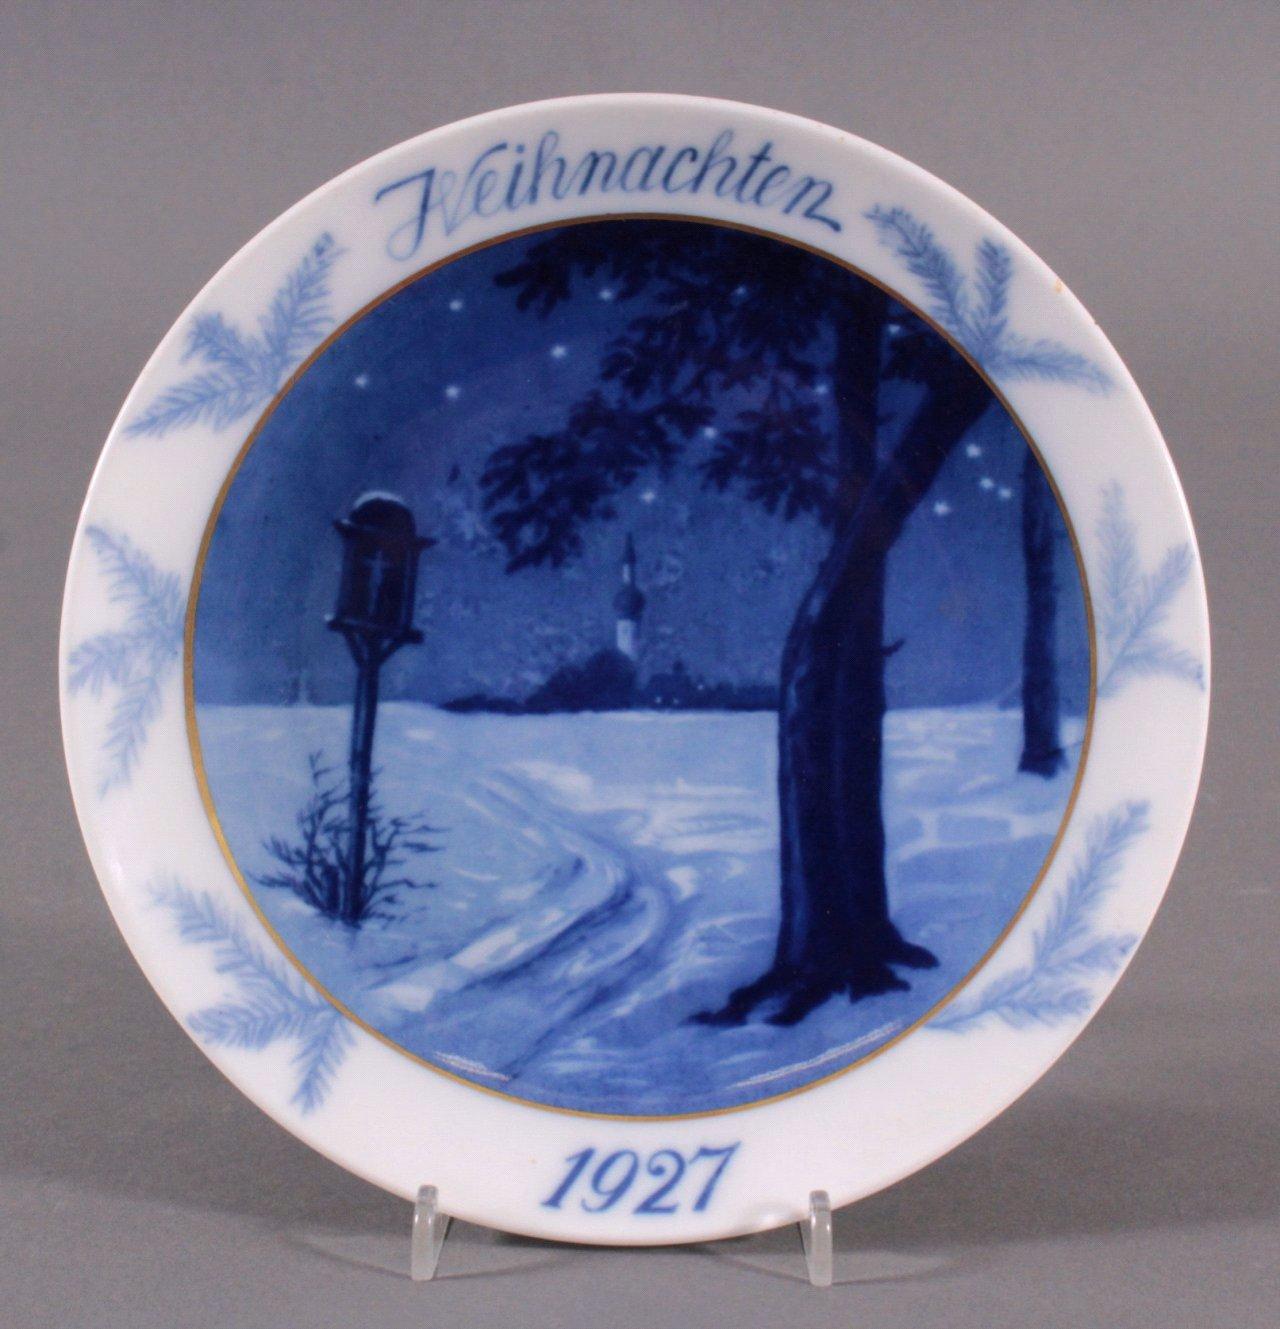 Hutschenreuther Weihnachtsteller, 1927